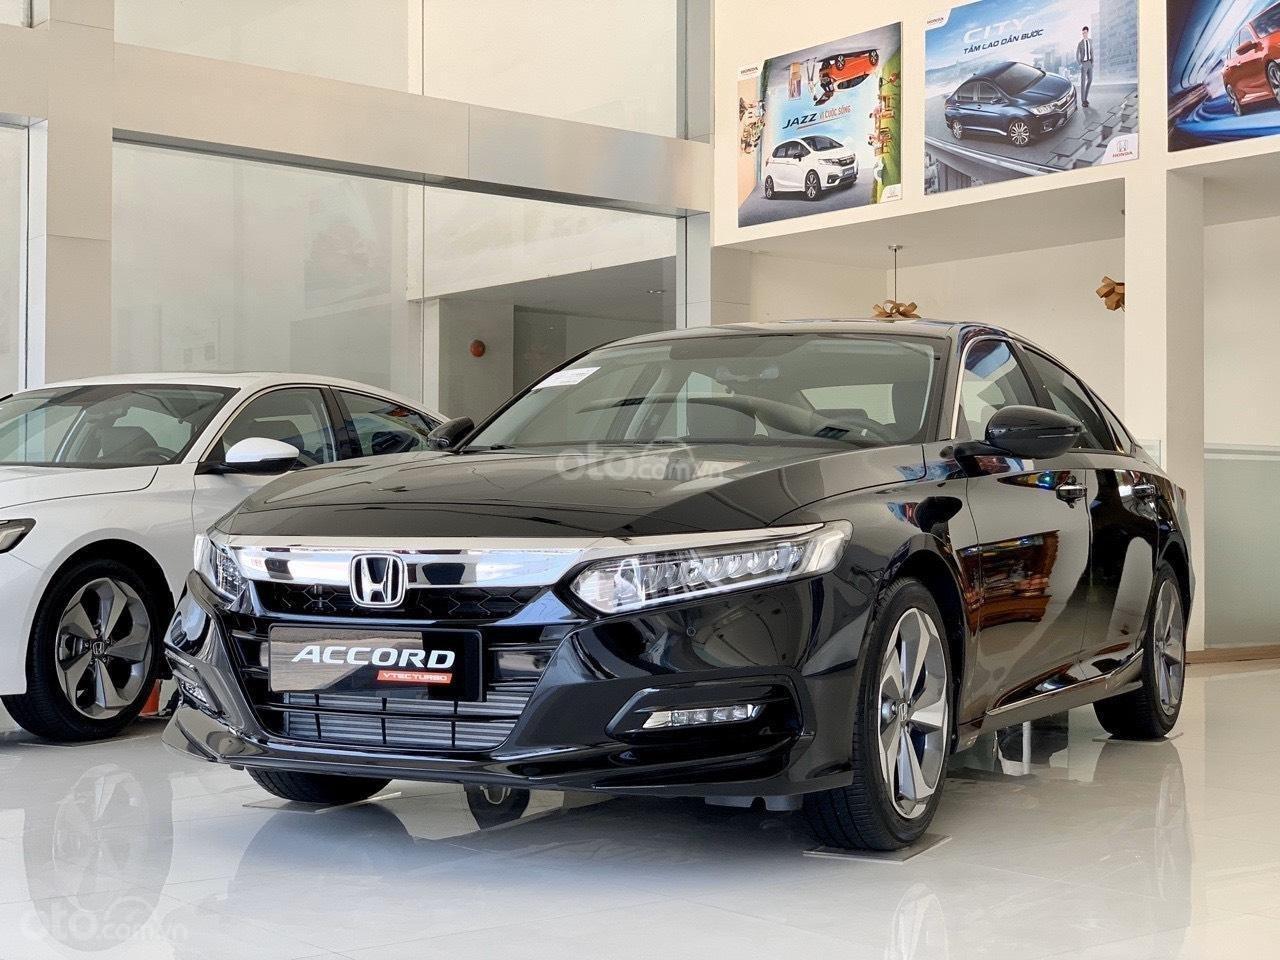 Honda Accord giảm ngay 120tr tiền mặt - ưu đãi và quà tặng hấp dẫn - hỗ trợ trả góp lãi suất ưu đãi (2)